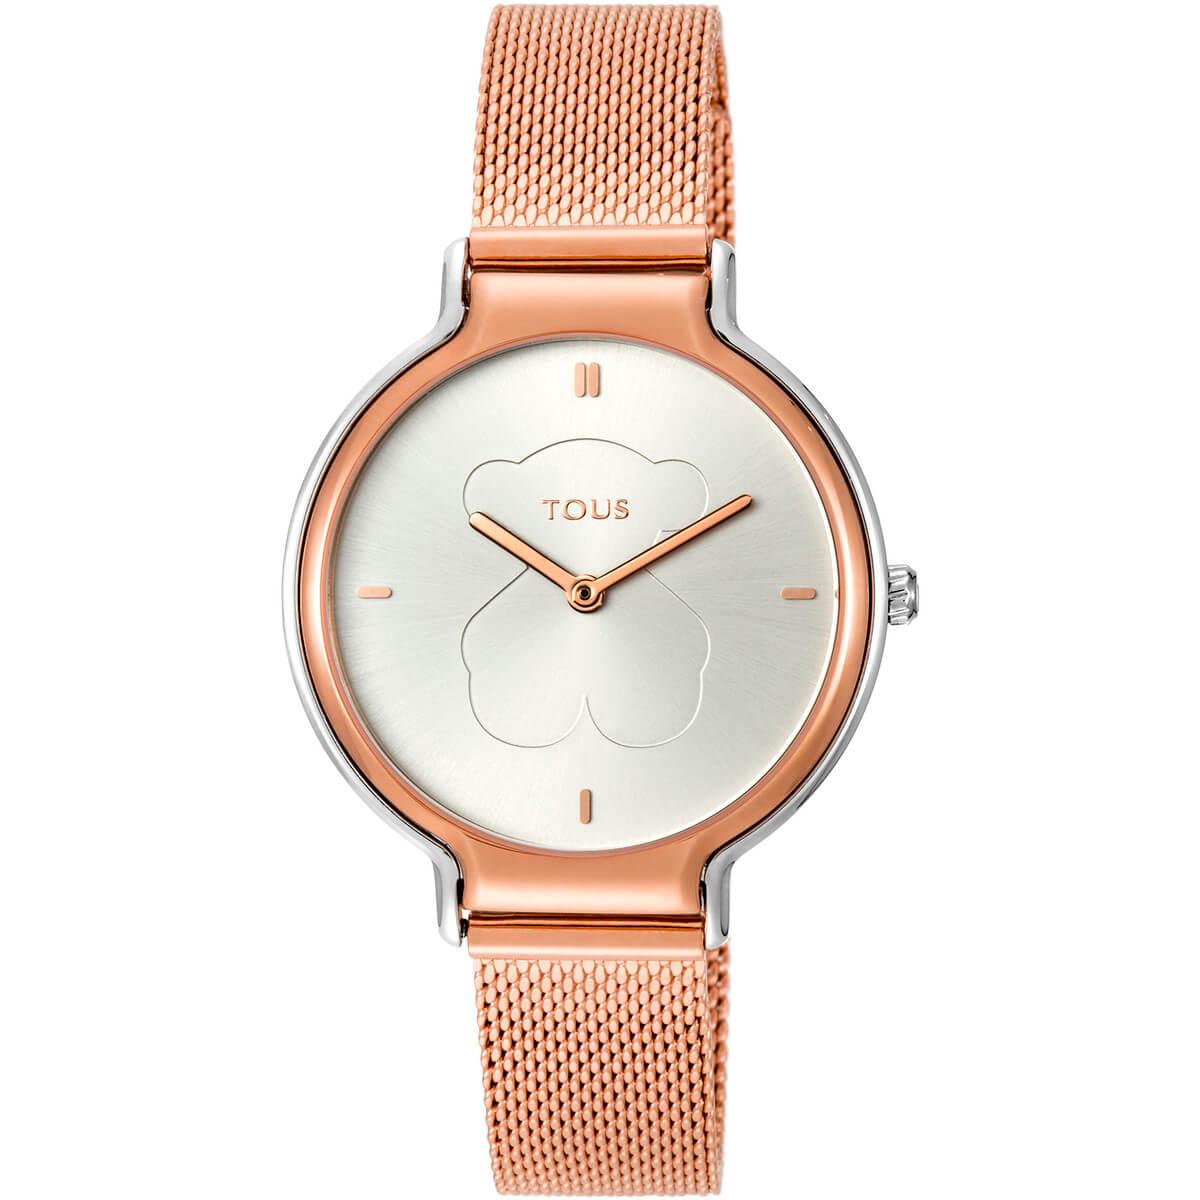 Reloj Tous con cadena de malla de acero en color rosa y esfera combinada en color rosa y plata. Fondo de la esfera en color plata con los indices y agujas en color rosa